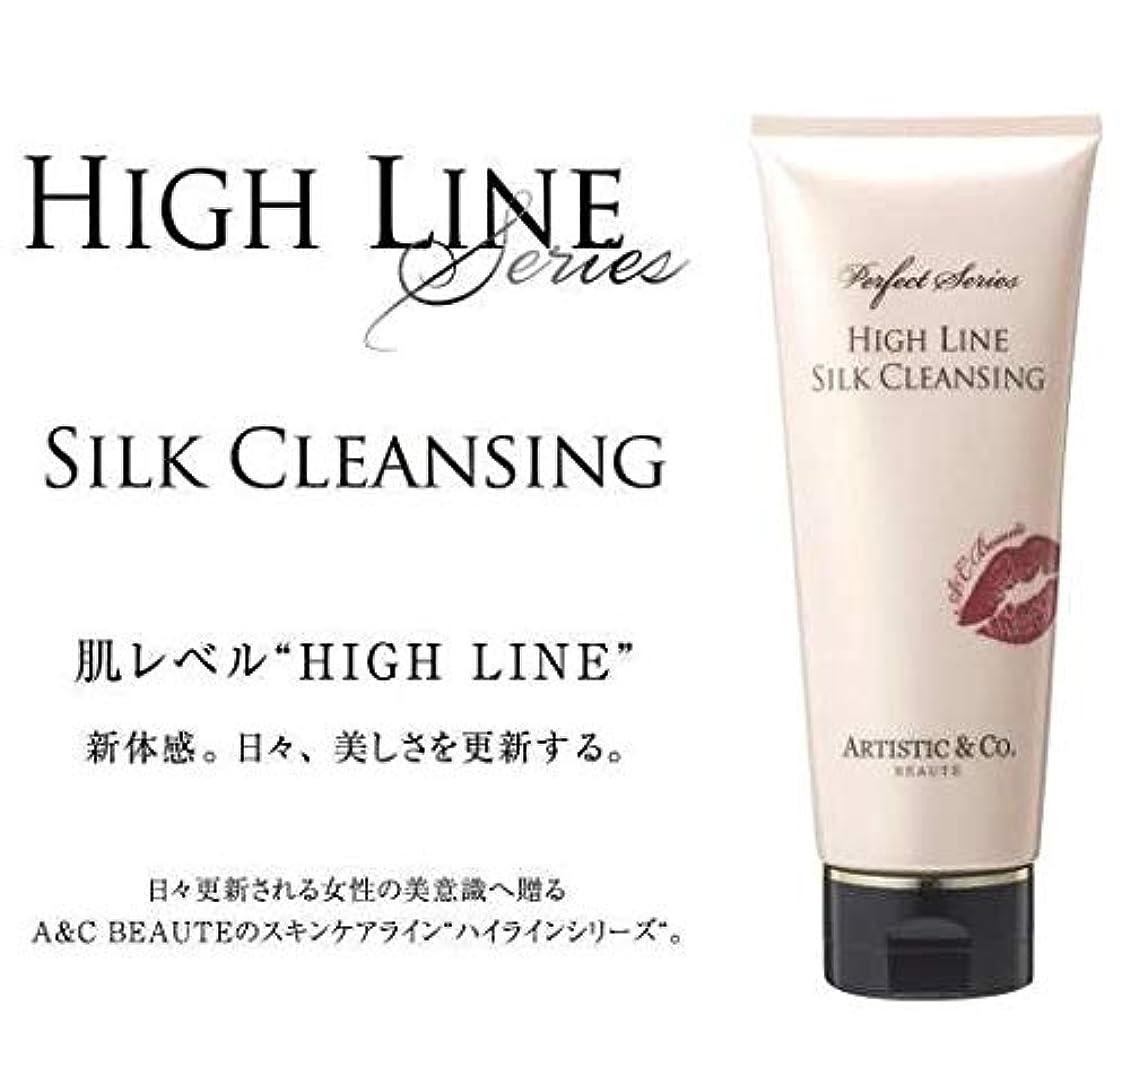 真面目な維持する配管工ARTISTIC&CO. (アーティスティック) HIGH LINE SILK CLEANSING ハイライン シルククレンジングジェル 200g レディス メンズ洗顔 美容液クレンジング